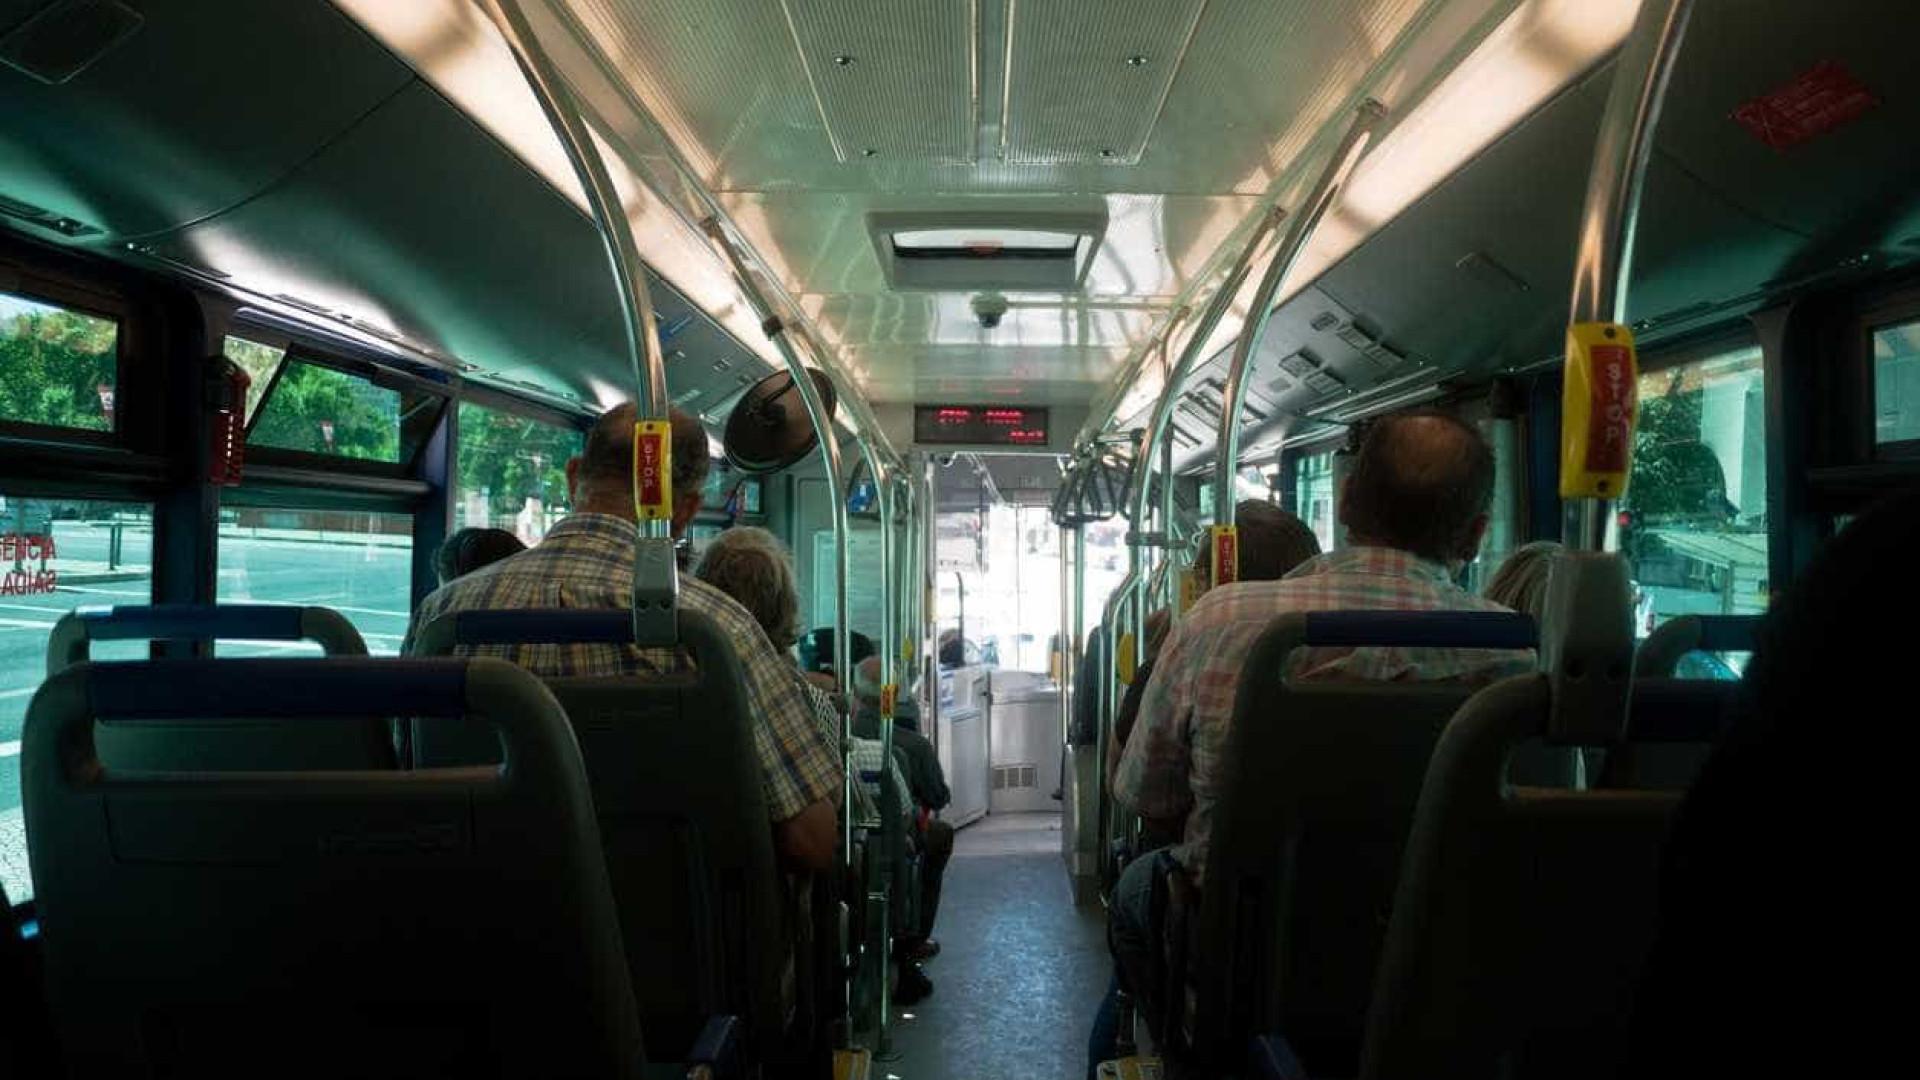 Colisão entre autocarro e elétrico faz 10 feridos em Lisboa